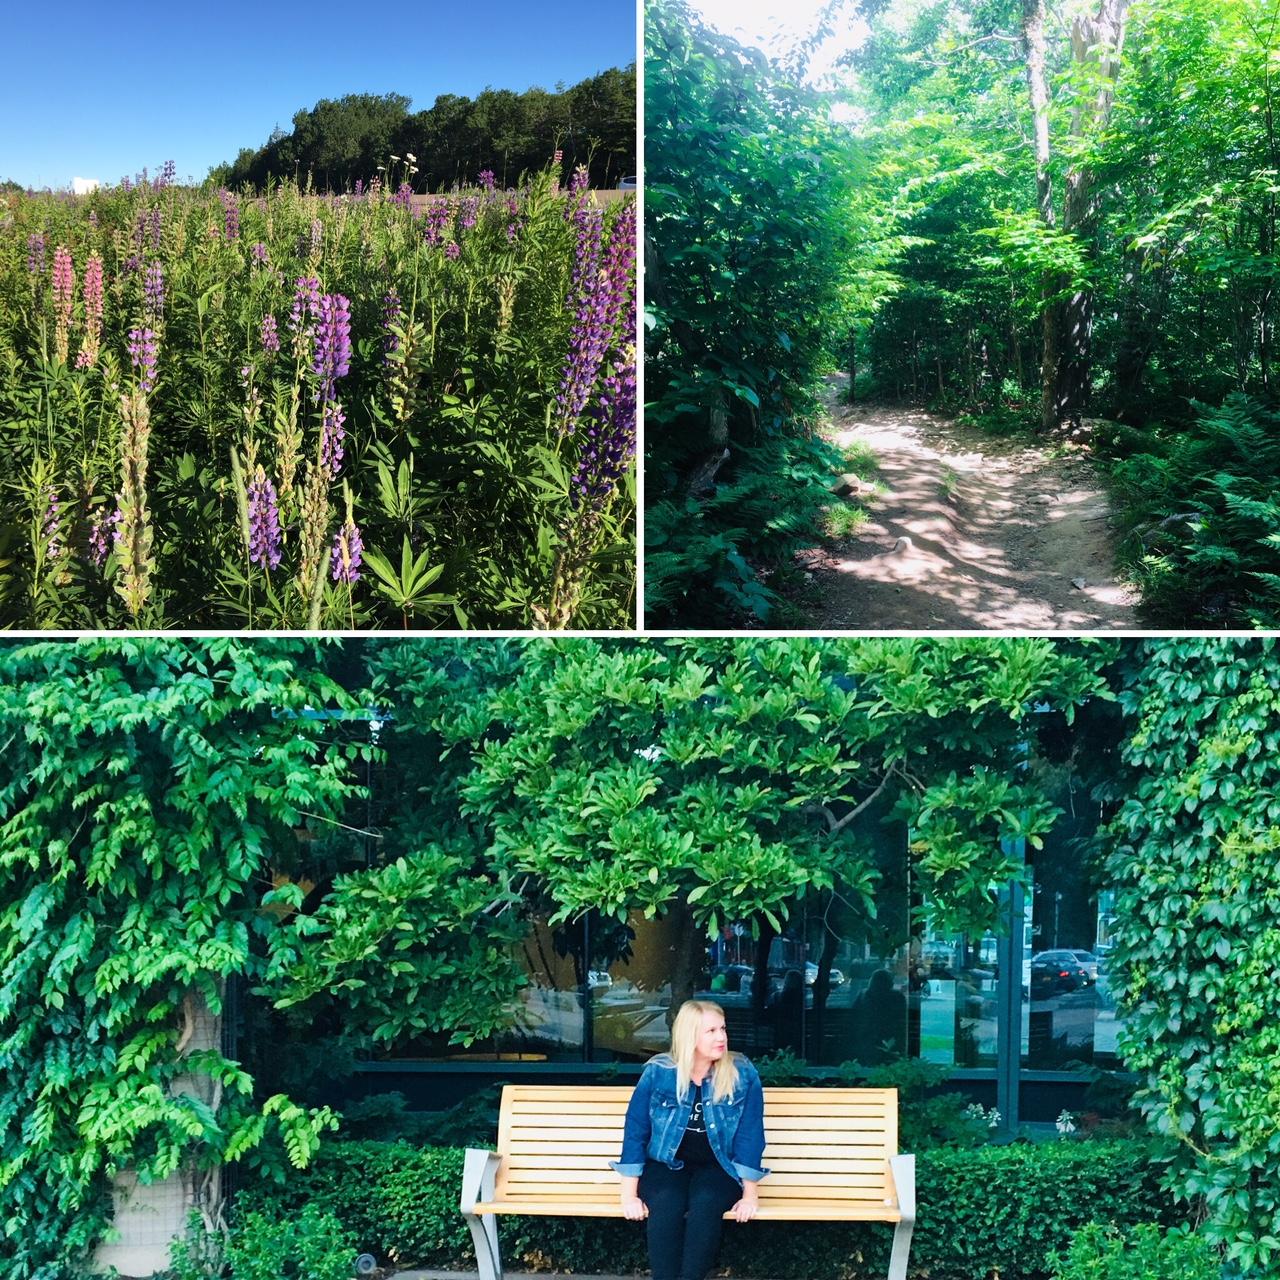 N.B. greenery